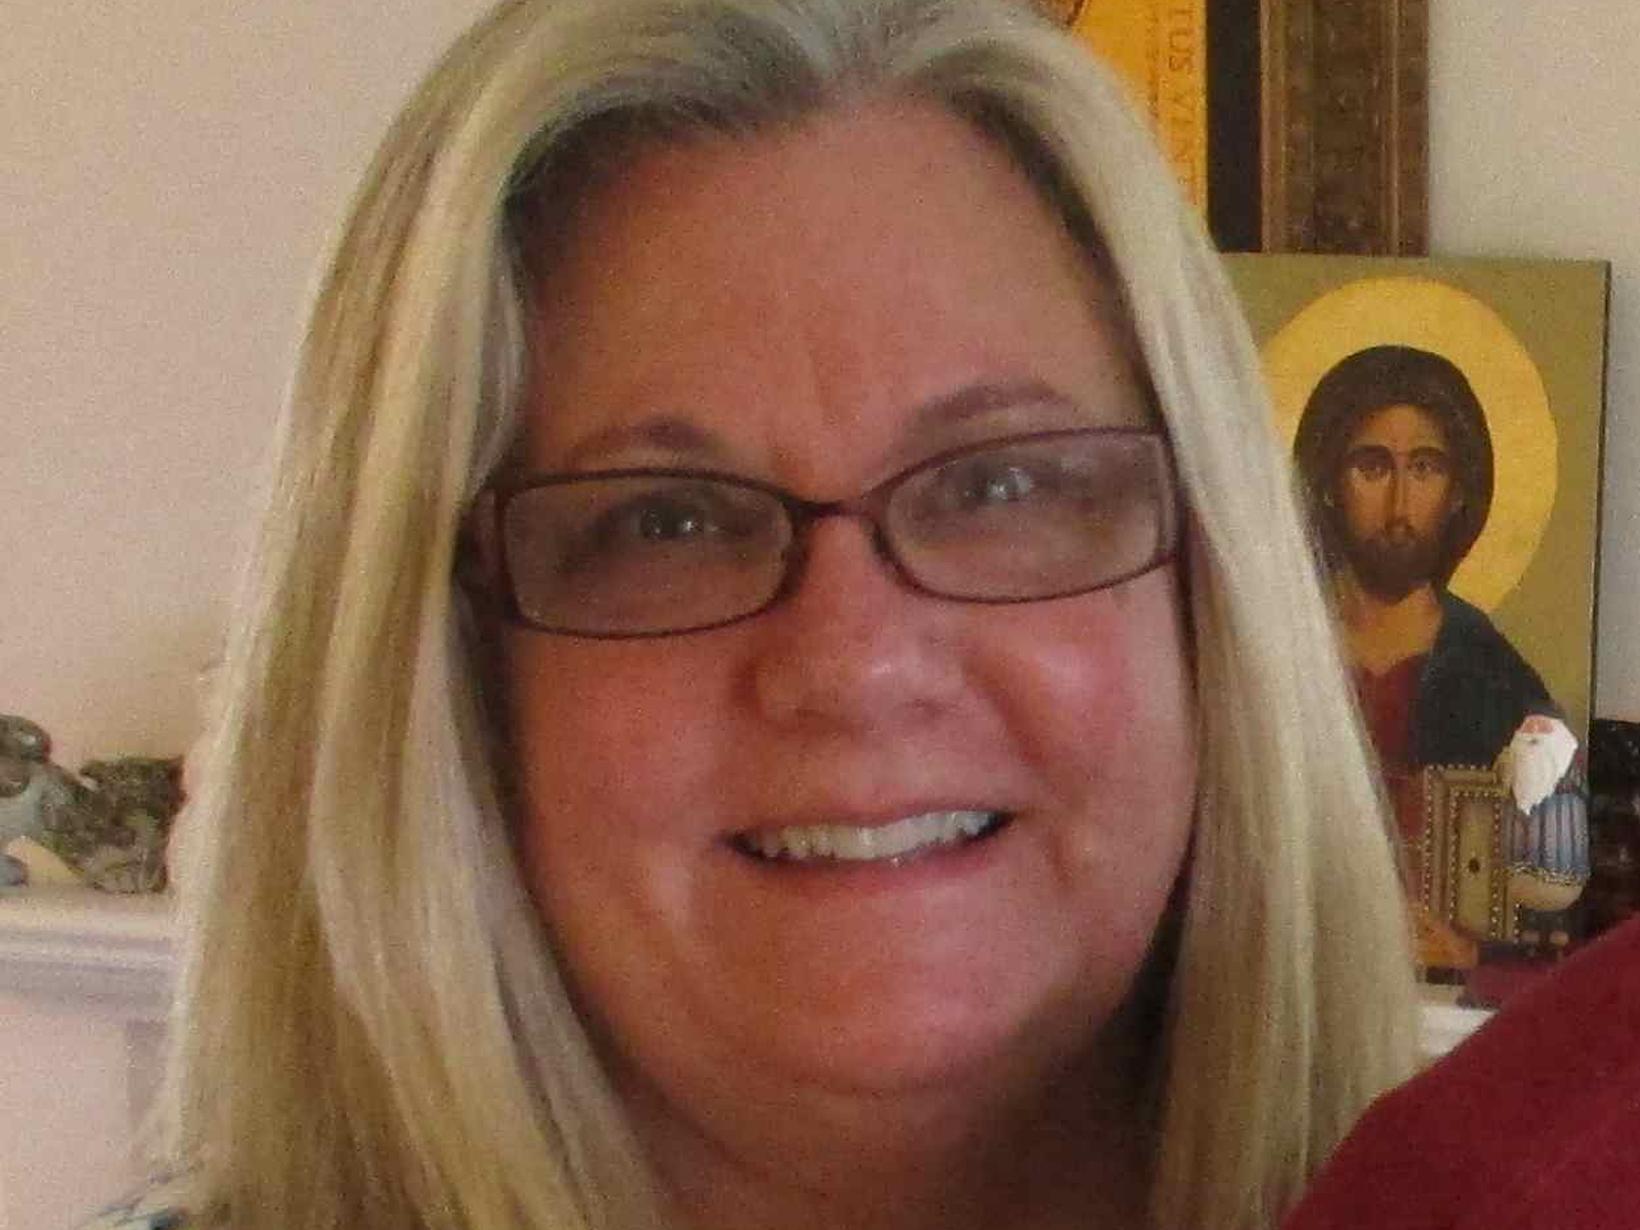 Jennifer from Portland, Oregon, United States